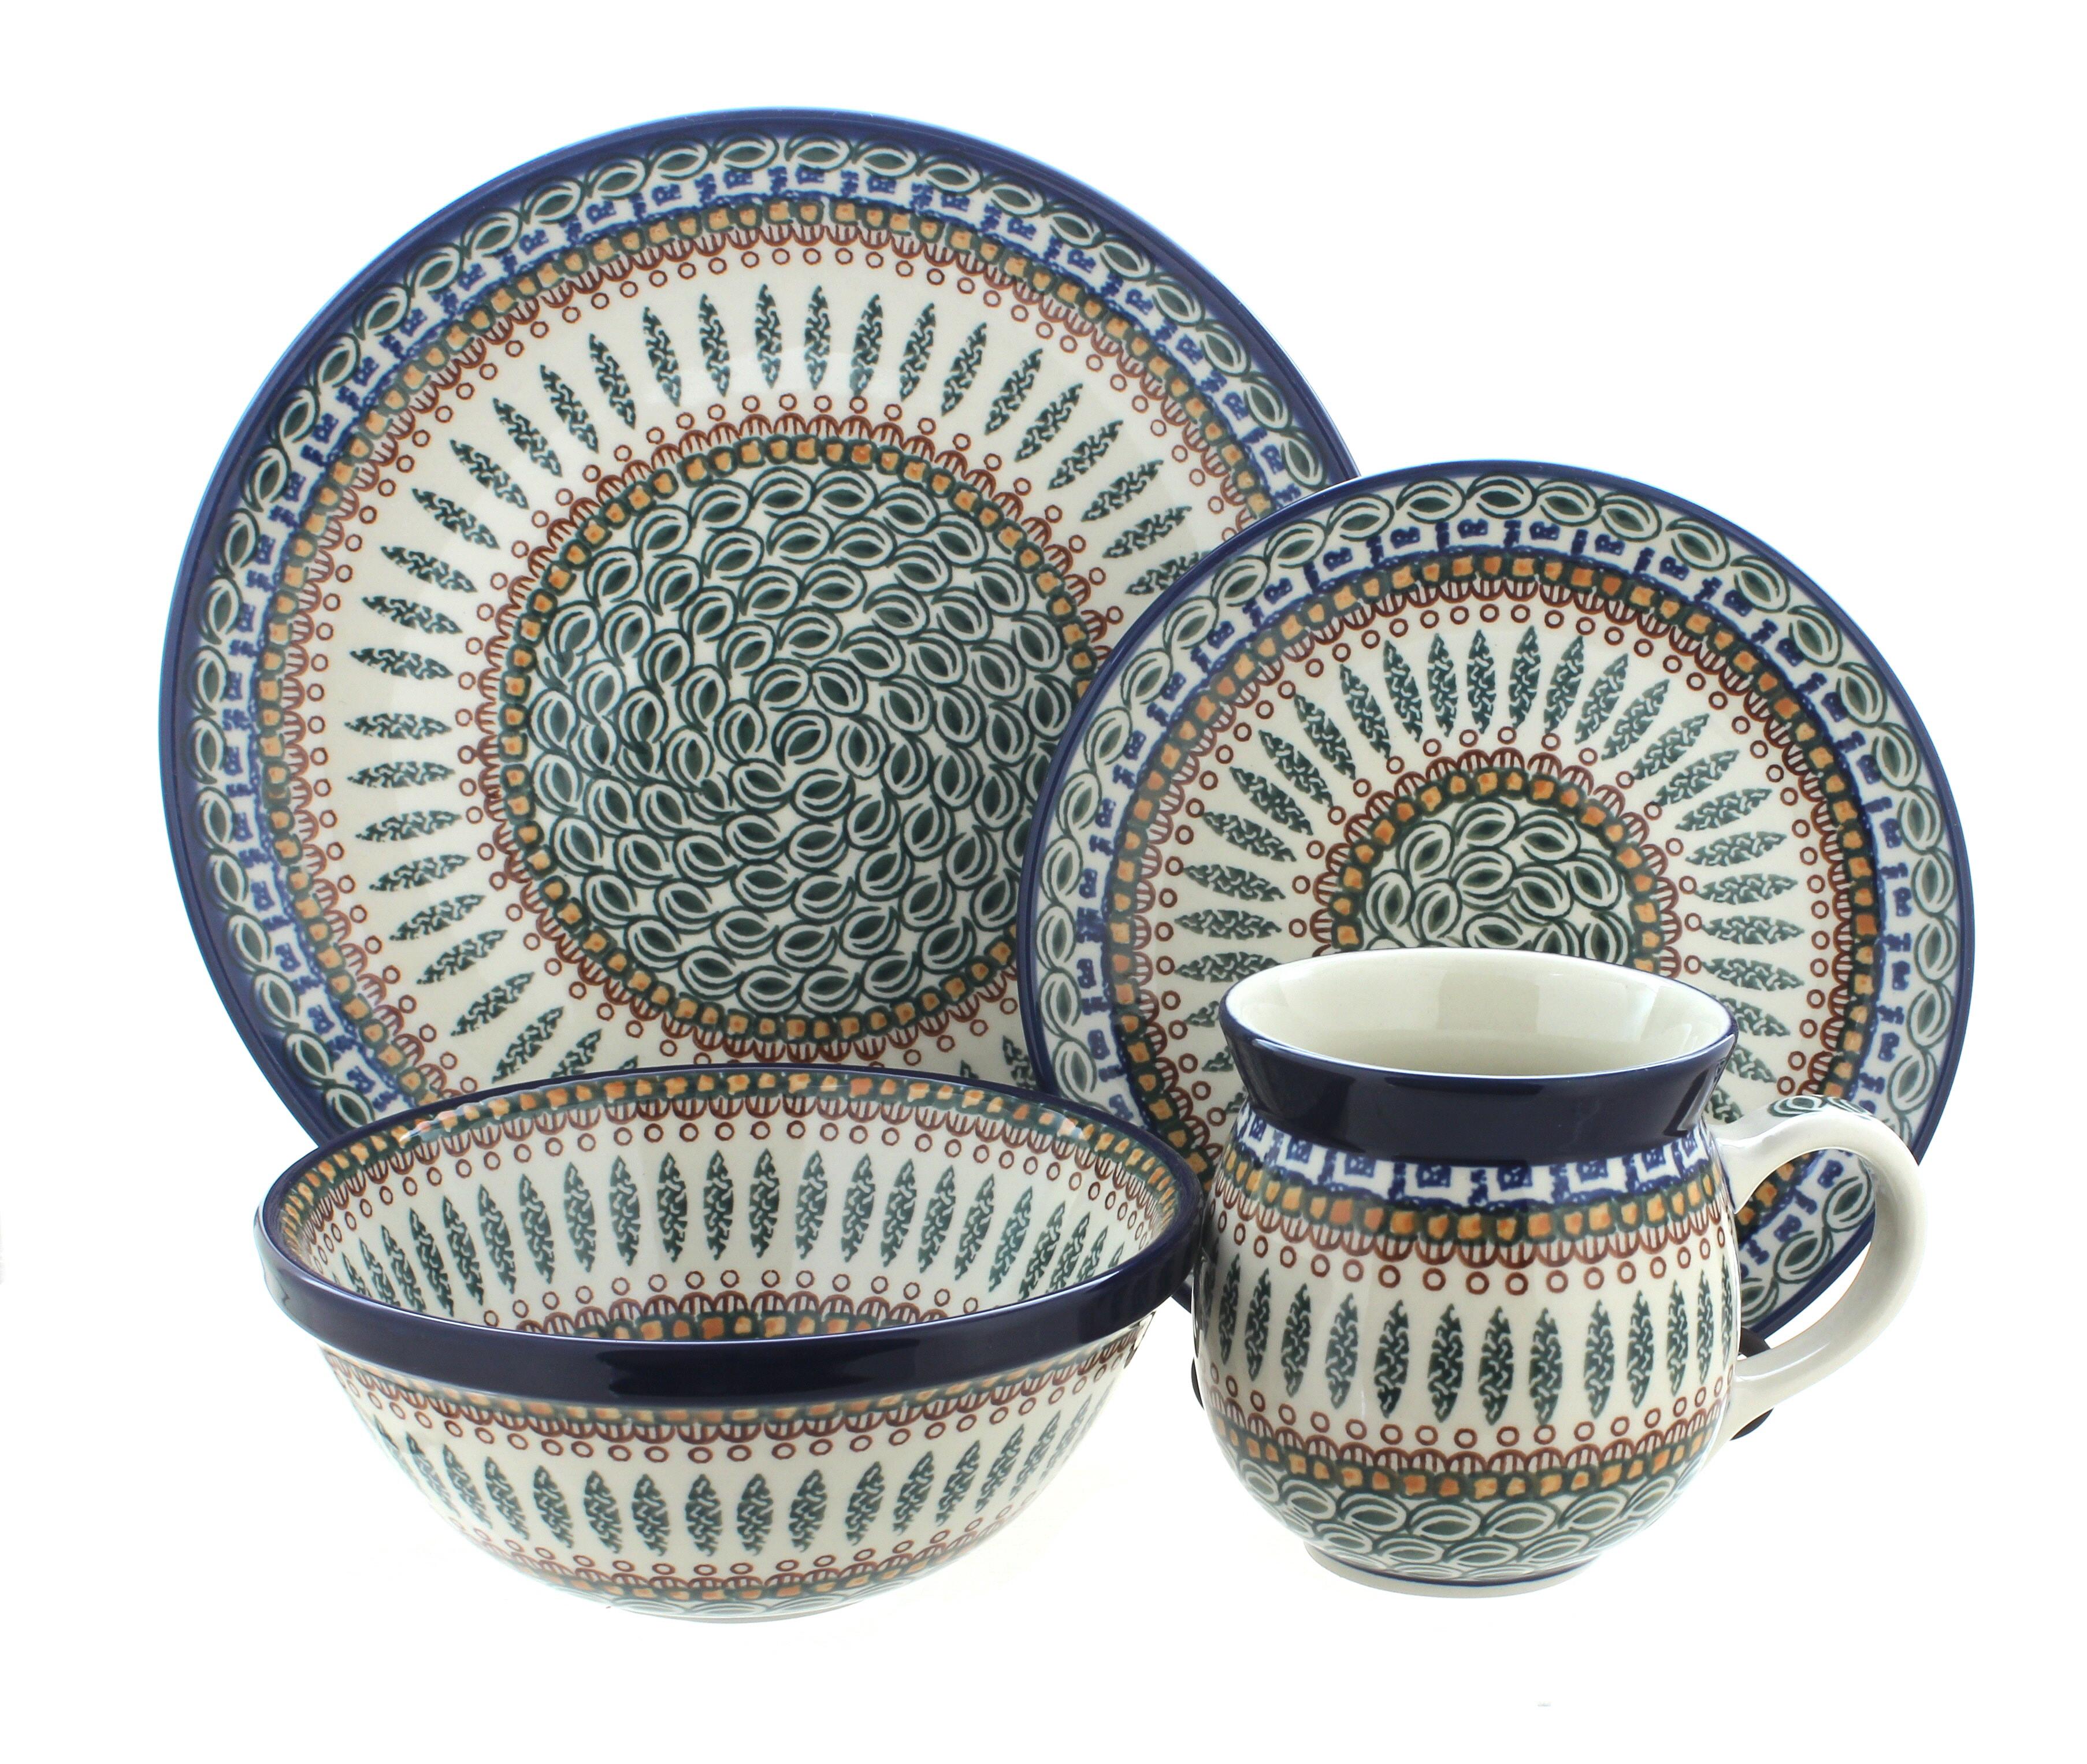 sc 1 st  Blue Rose Pottery & Blue Rose Polish Pottery   Tuscany 16 Piece Dinner Set